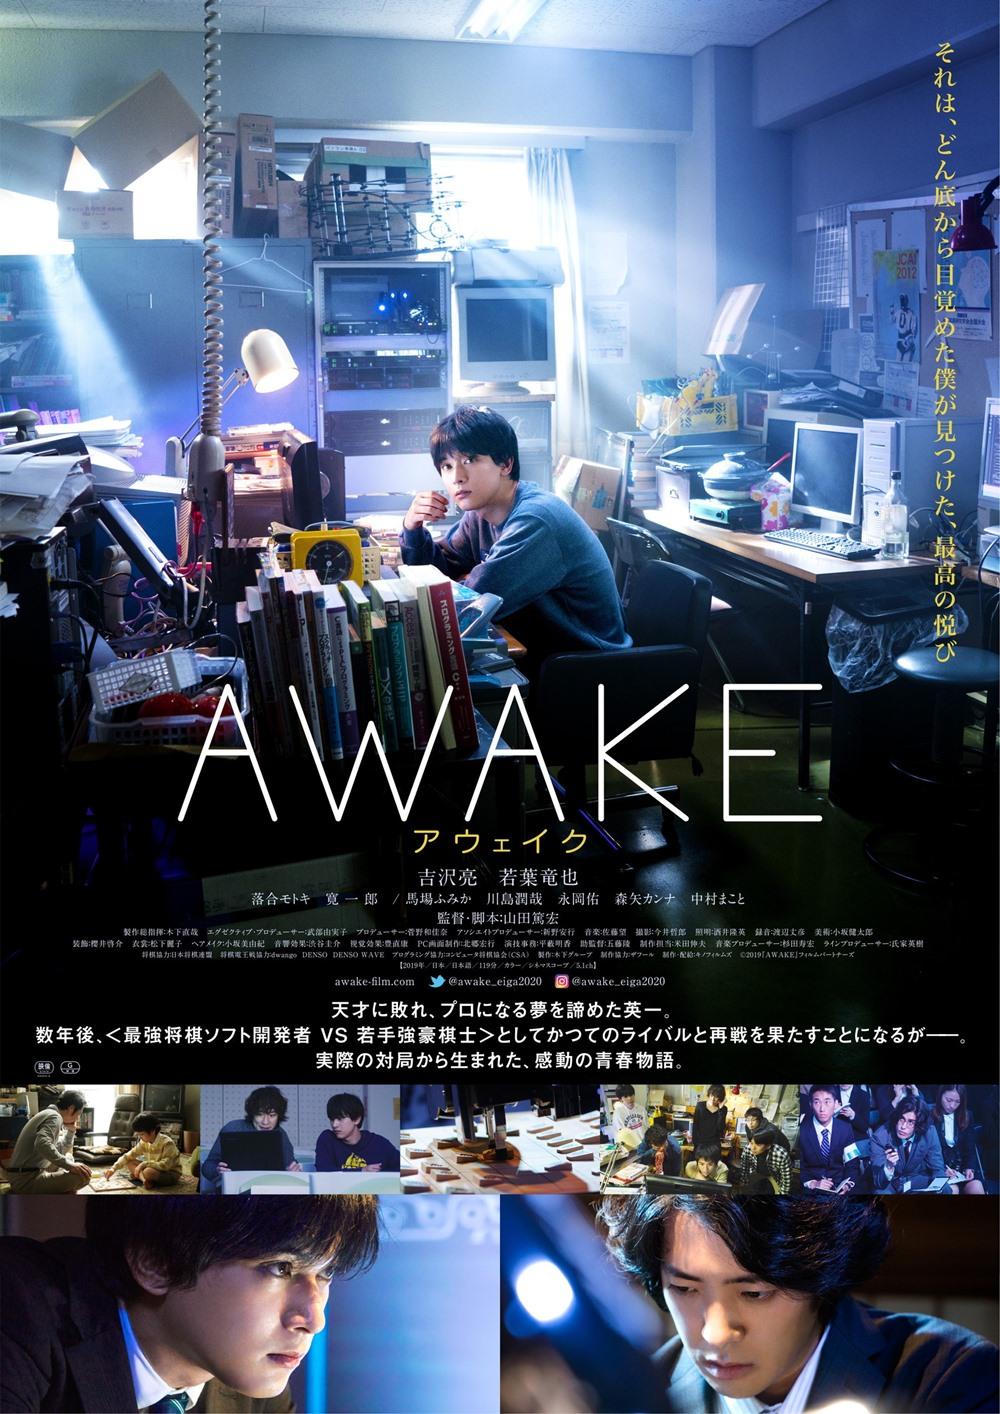 【画像】映画『AWAKE』(アウェイク) ポスタービジュアル